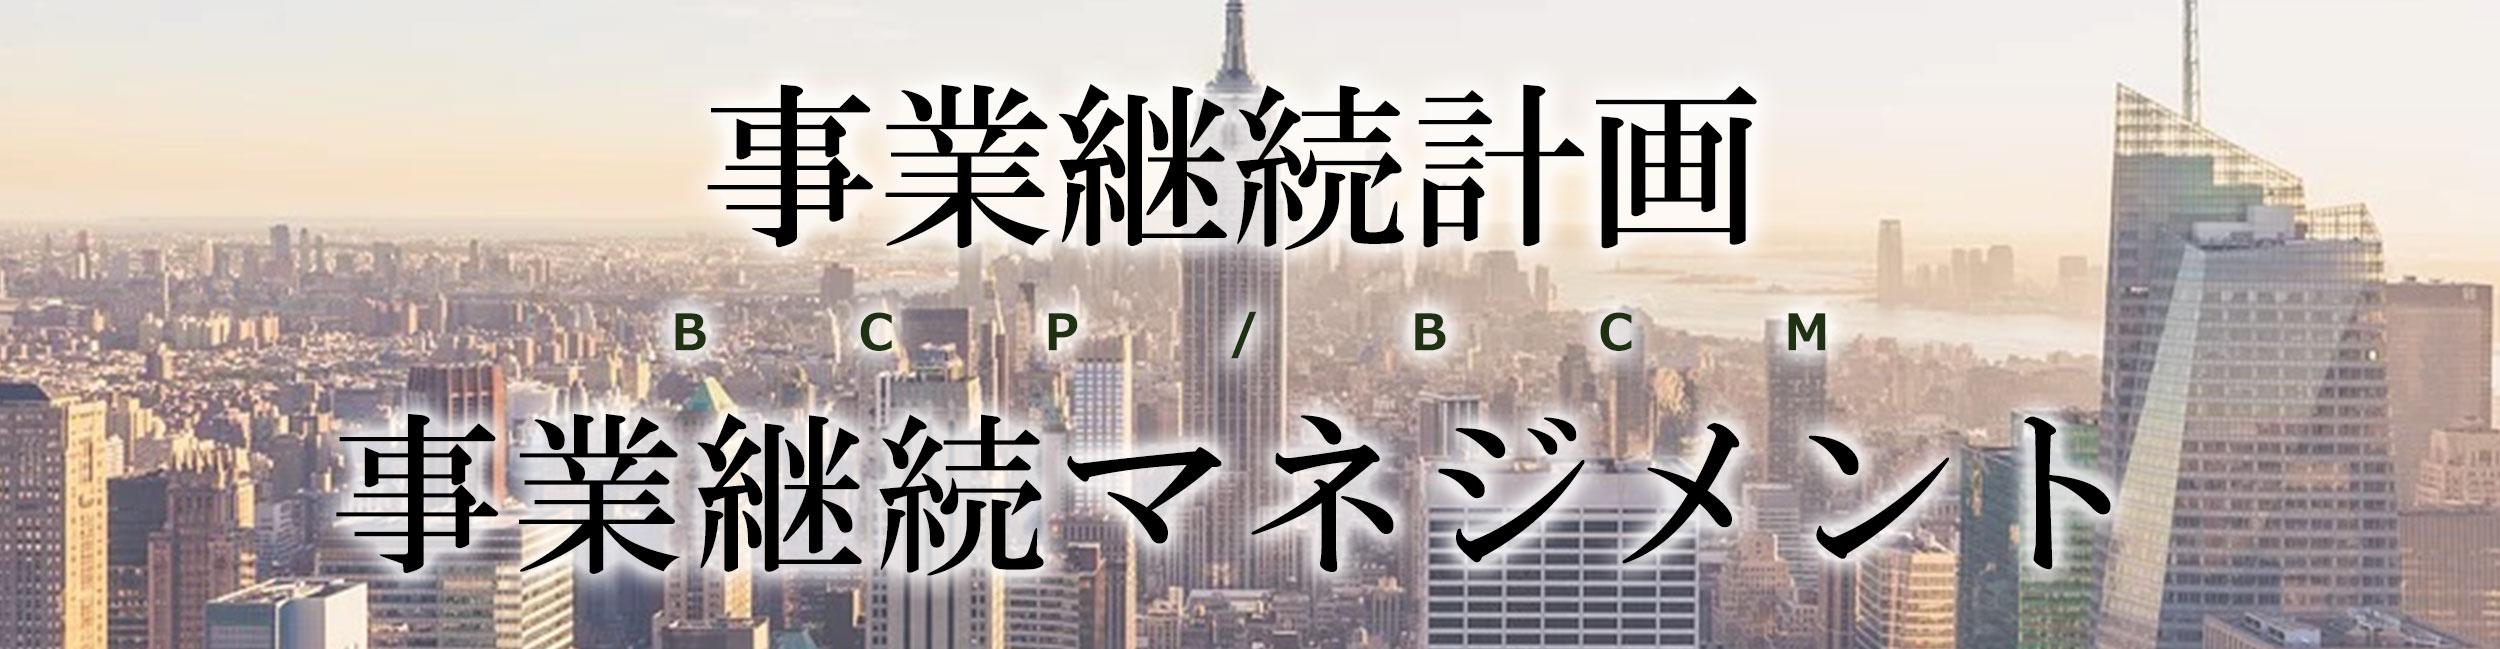 事業継続計画/マネジメント(BCP/BCM)